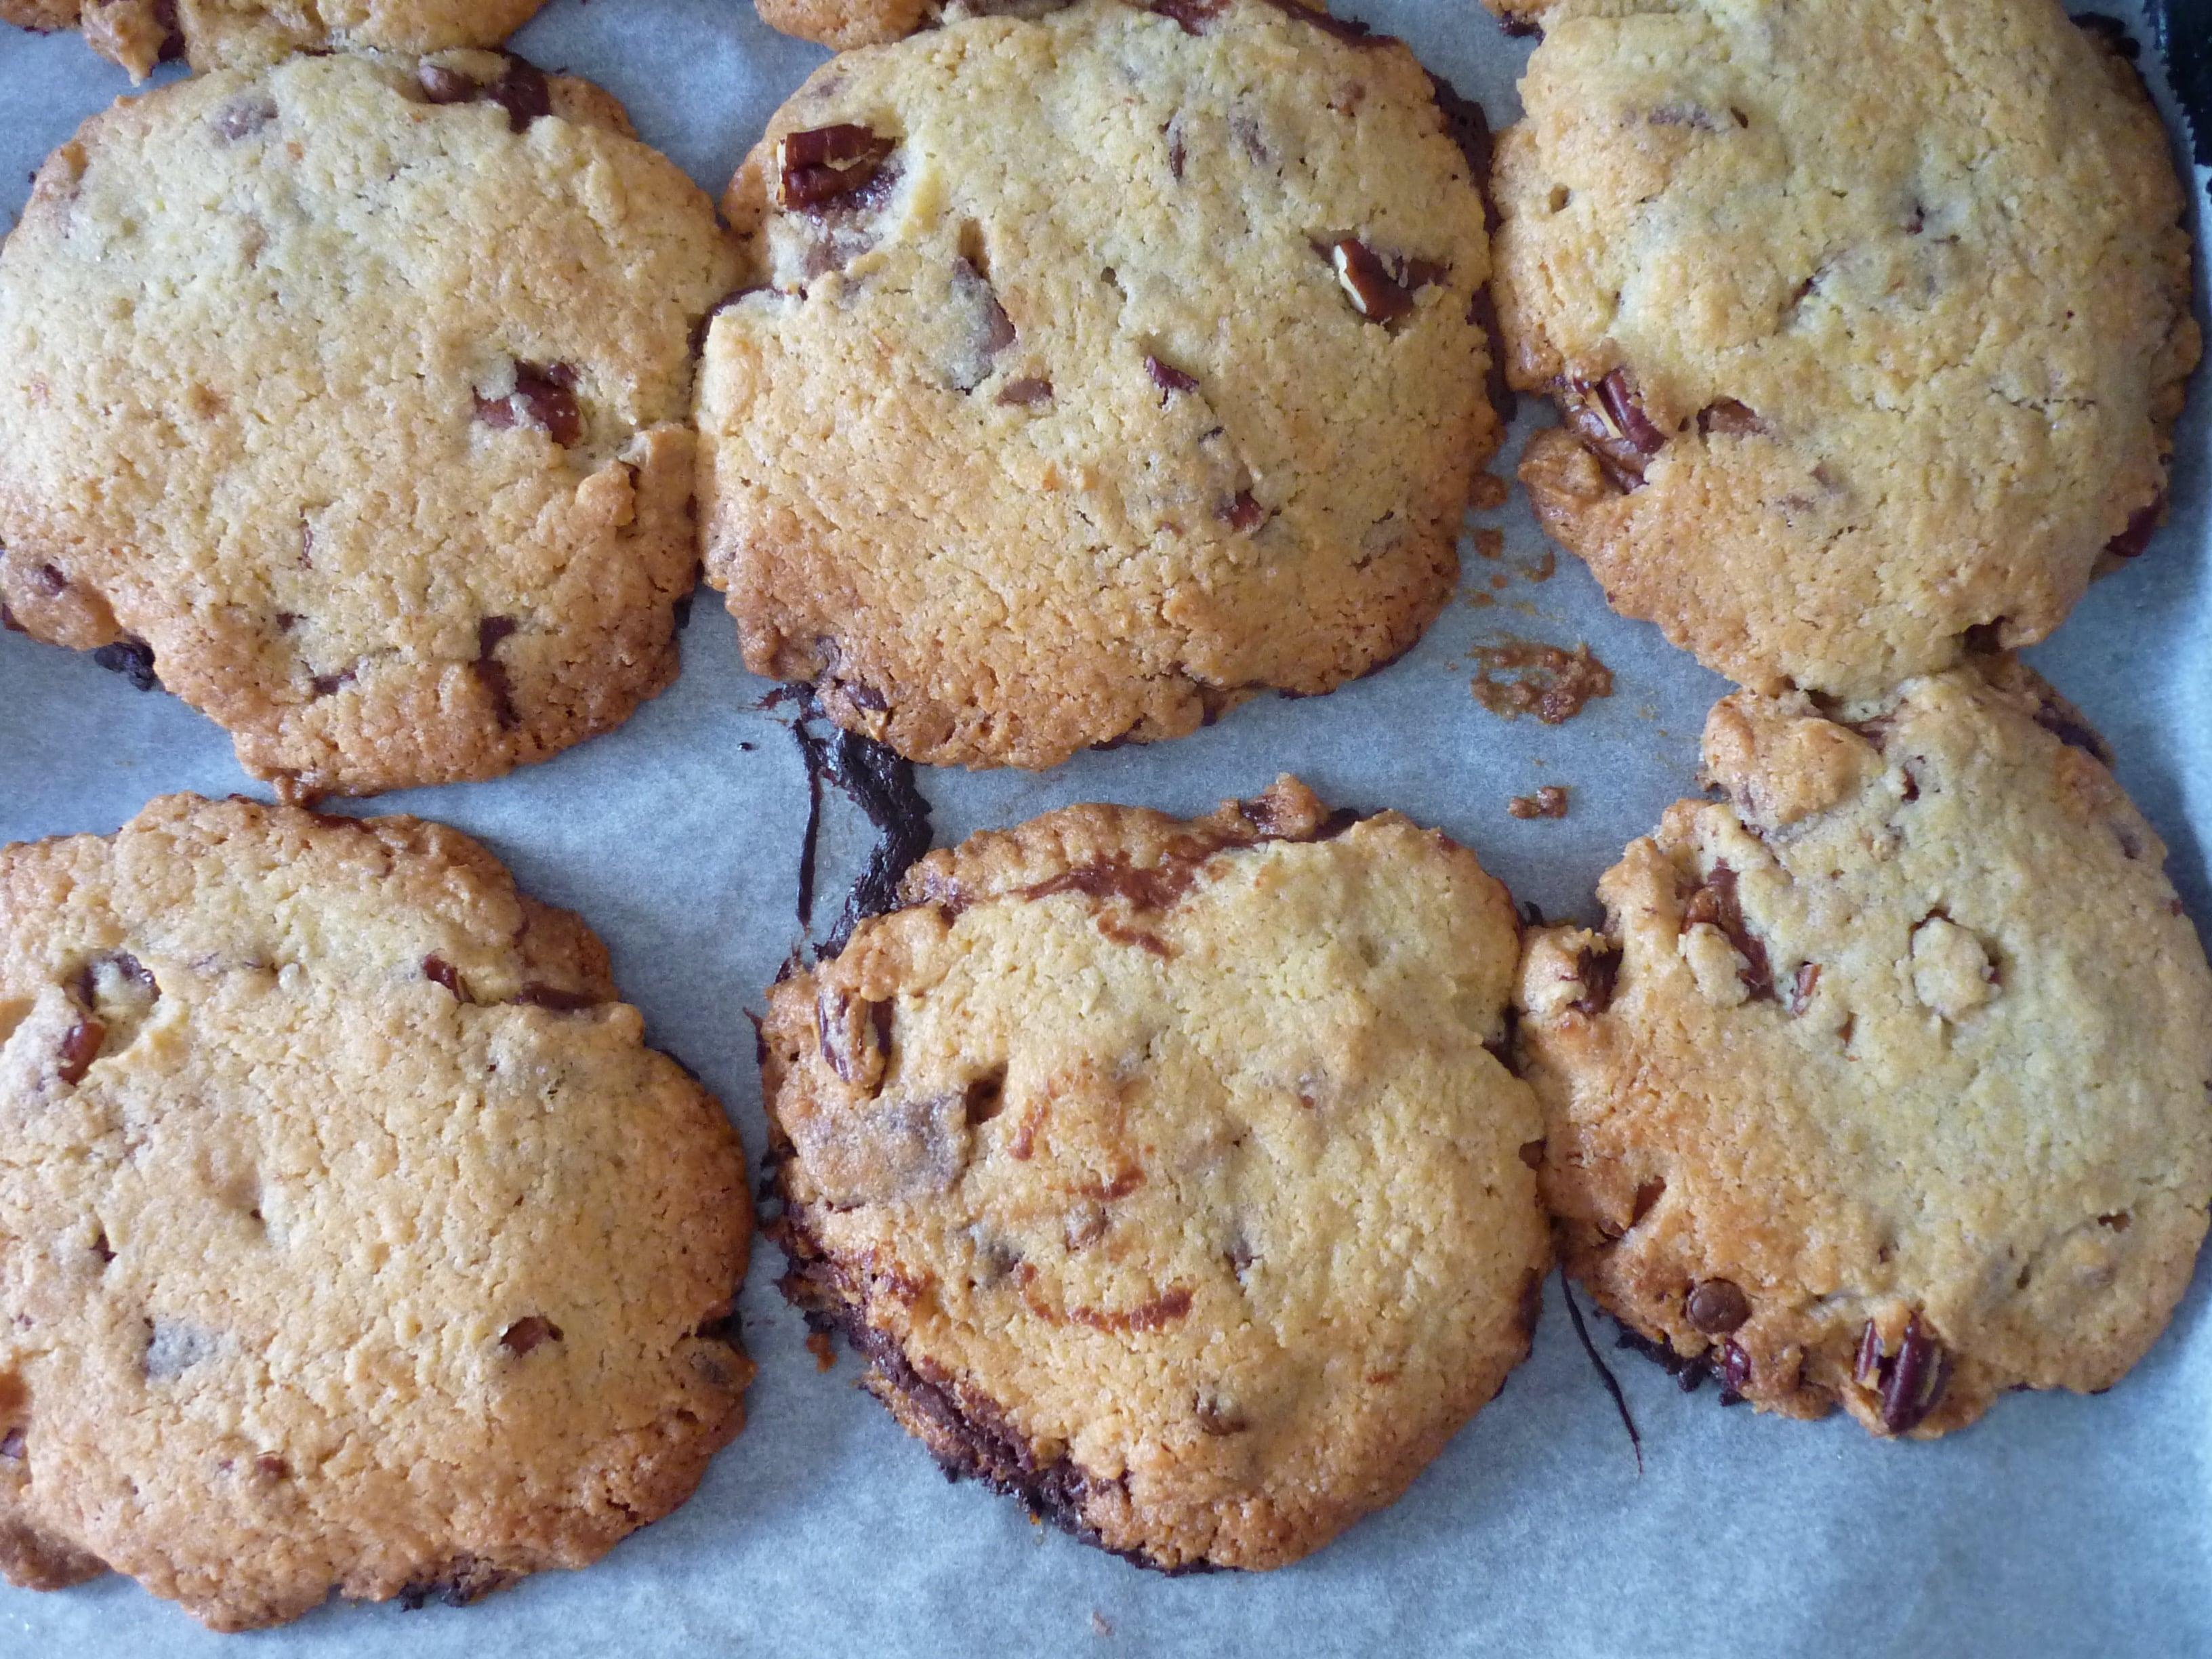 la recette des cookies au coeur fondant de michel et. Black Bedroom Furniture Sets. Home Design Ideas